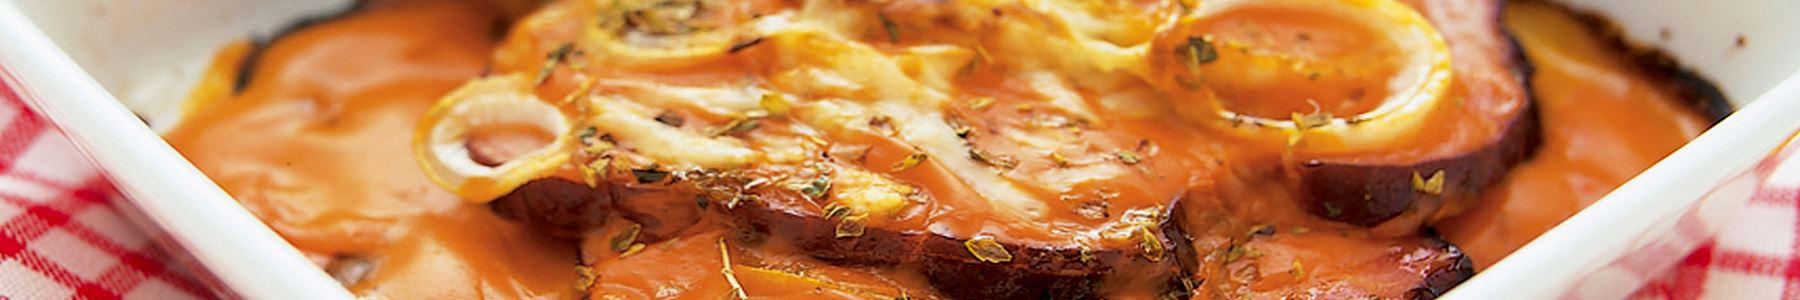 Pizza med kött som tillbehör